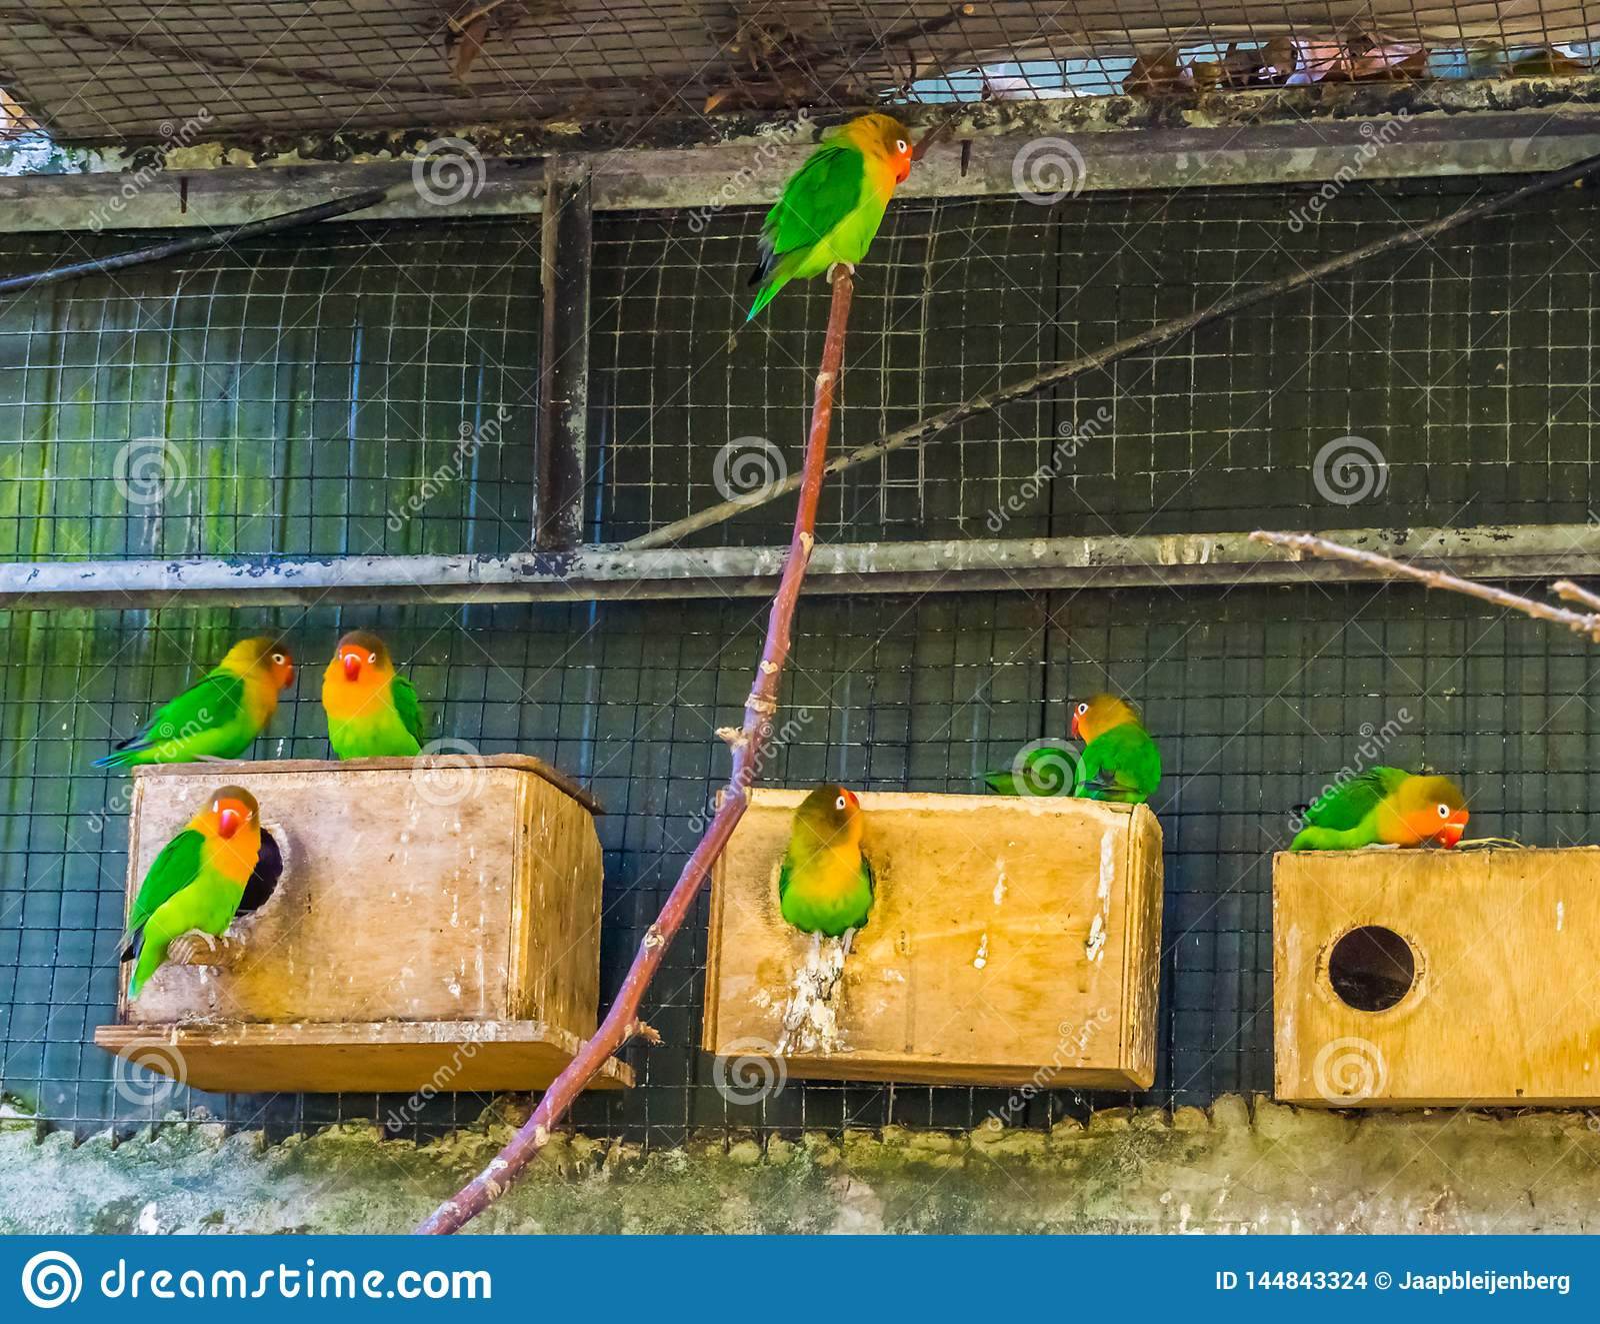 Aviarium som är full med fischers dvärgpapegojor, färgrika tropiska fåglar från Afrika, populära husdjur i aviculture